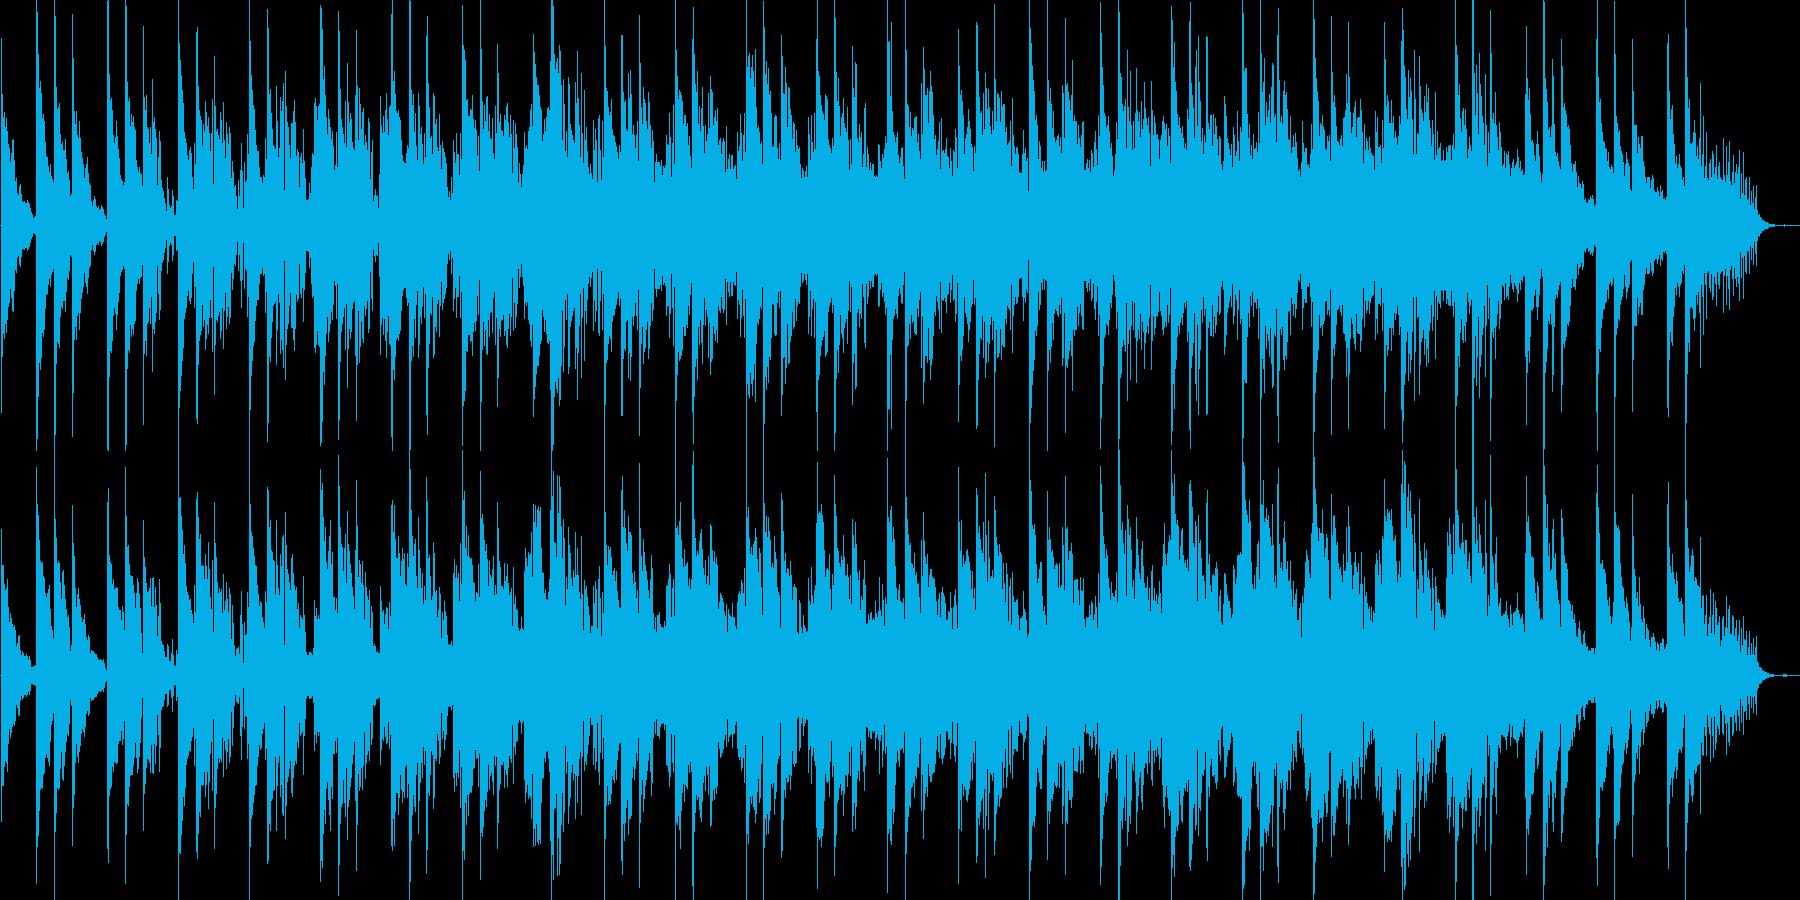 エレクトリックピアノの都会的フュージョンの再生済みの波形